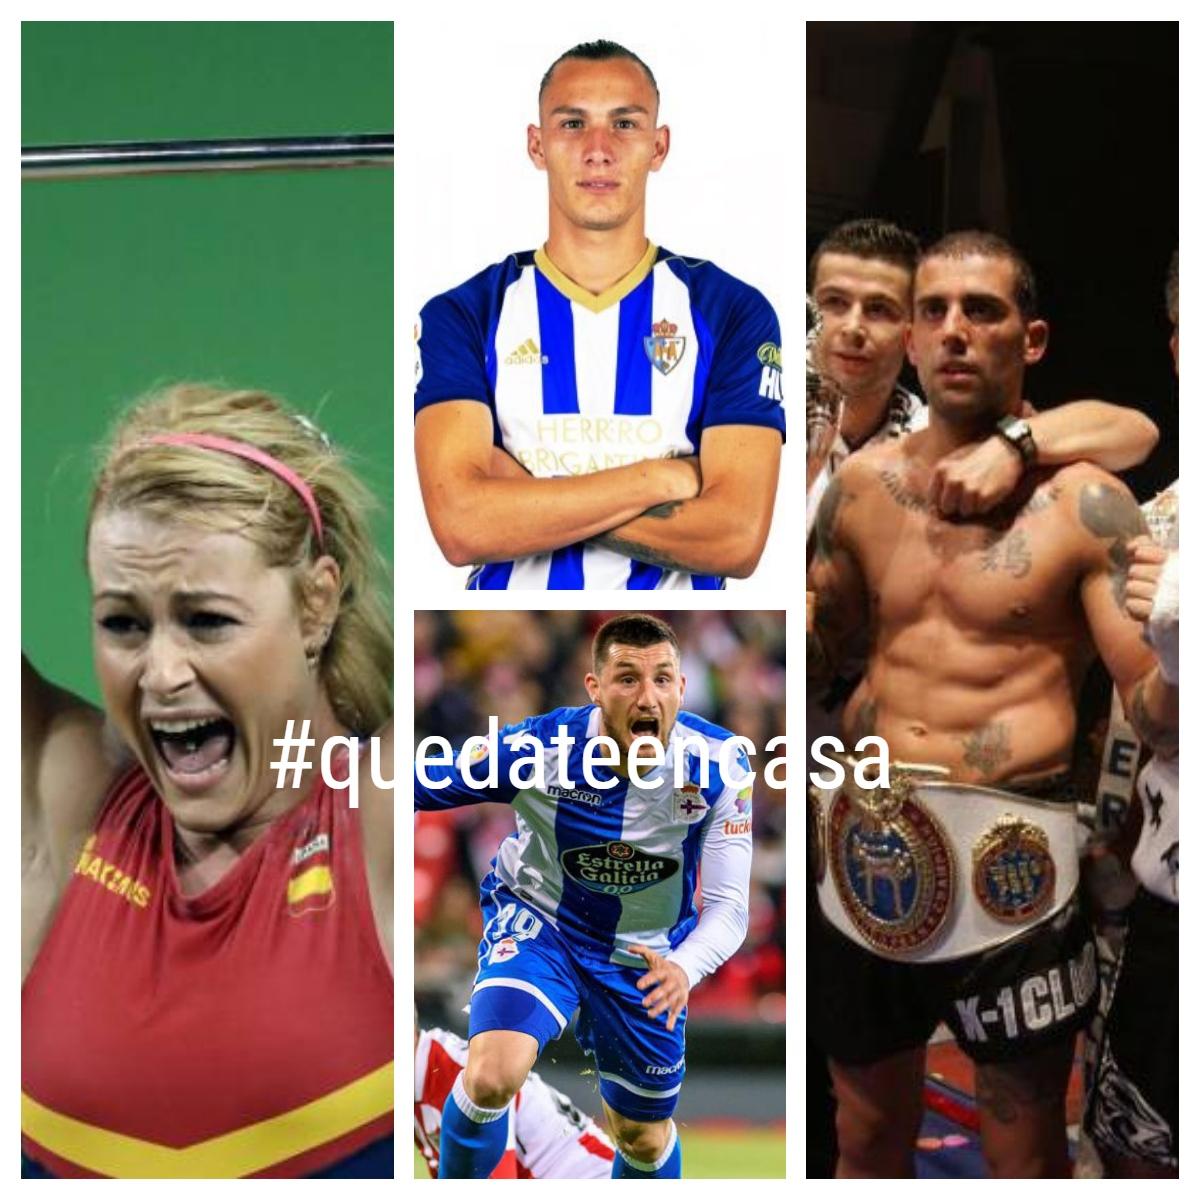 Así viven nuestros deportistas el #quedateencasa 1